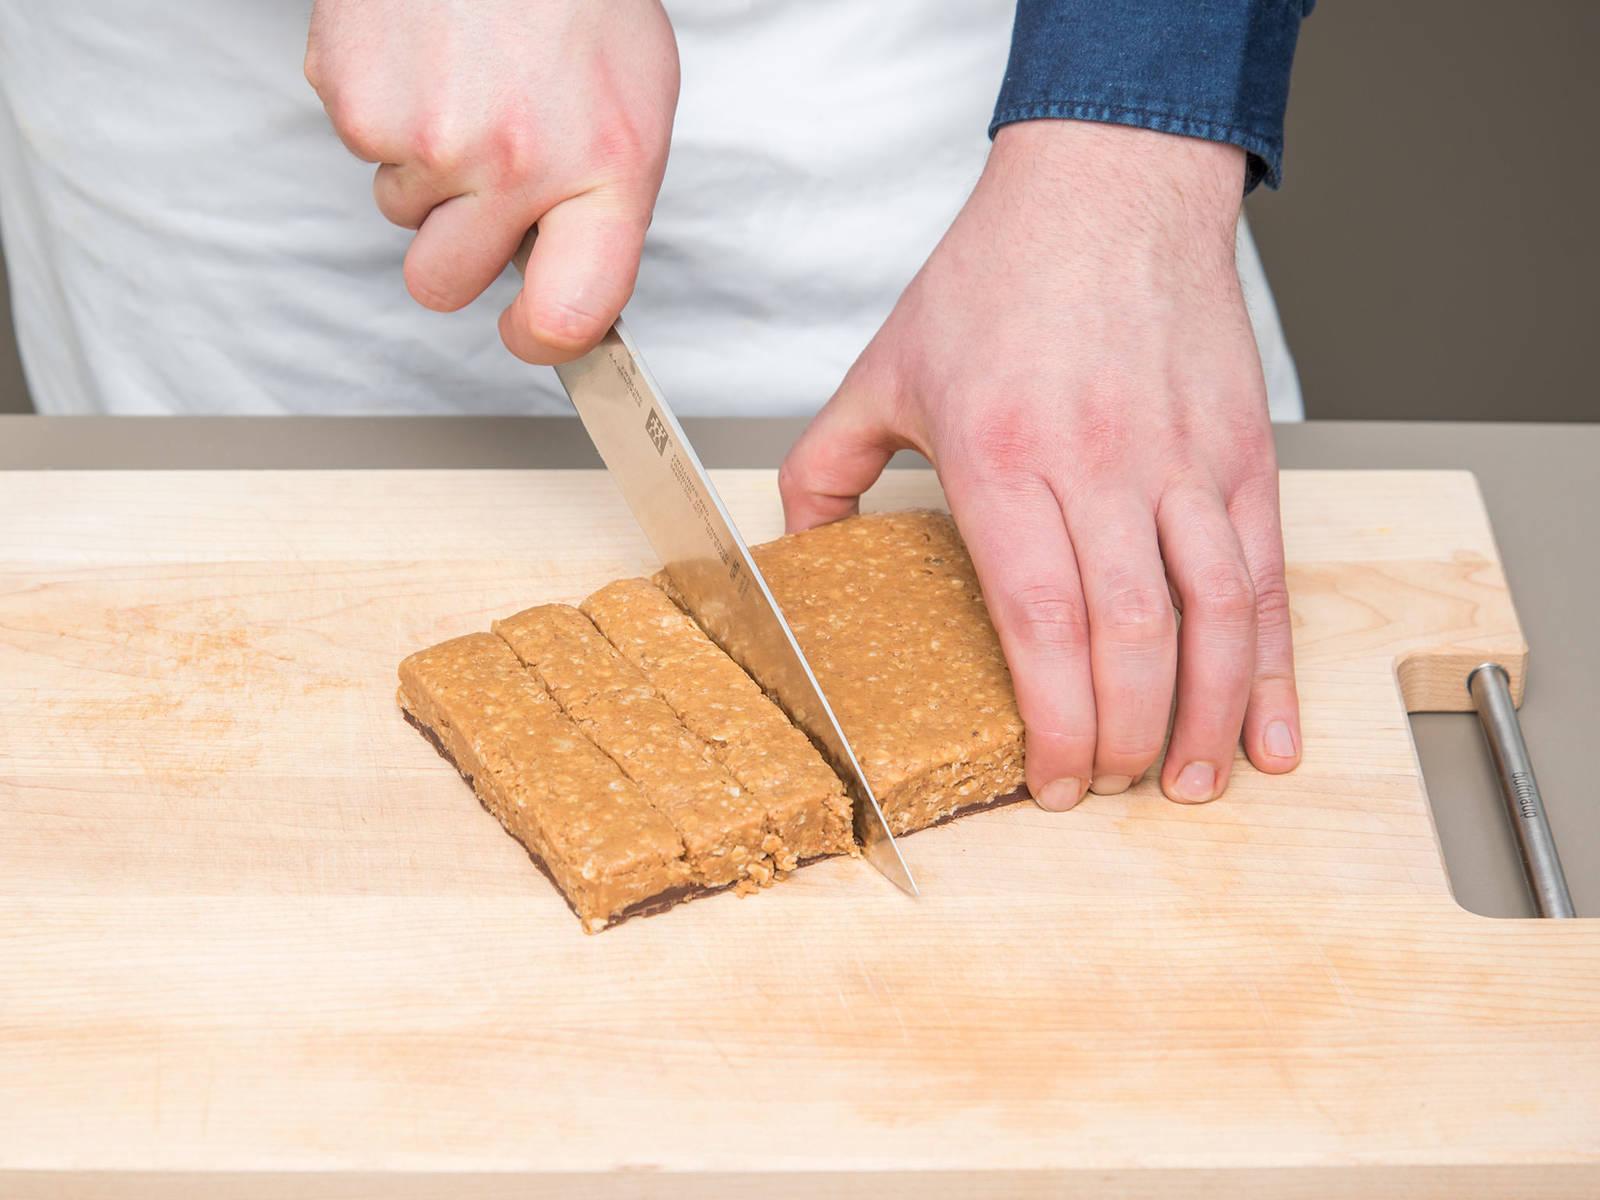 Die Auflaufform aus dem Gefrierschrank nehmen und die Masse in gleich große Riegel schneiden. Mit Meersalz bestreuen und in einem luftdichten Gefäß im Kühlschrank lagern. Guten Appetit!